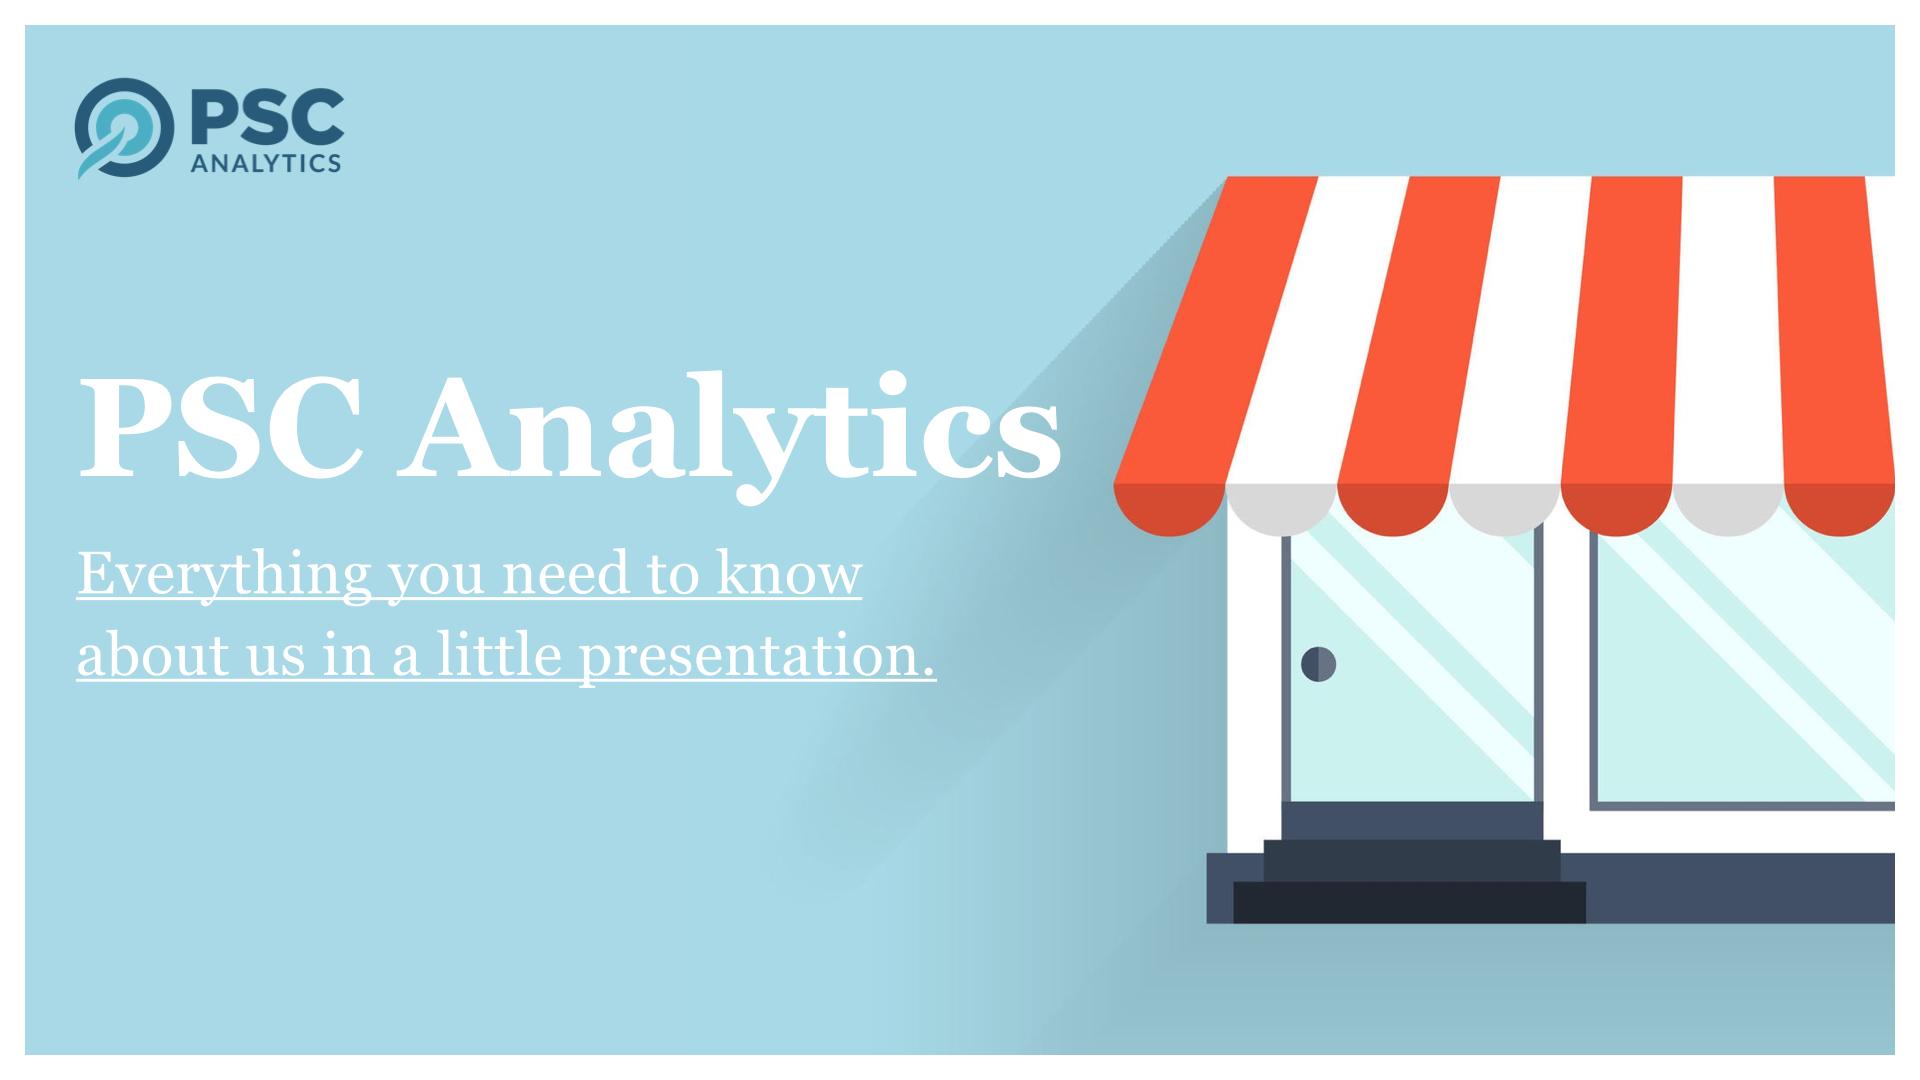 PSC_Analytics001.jpg